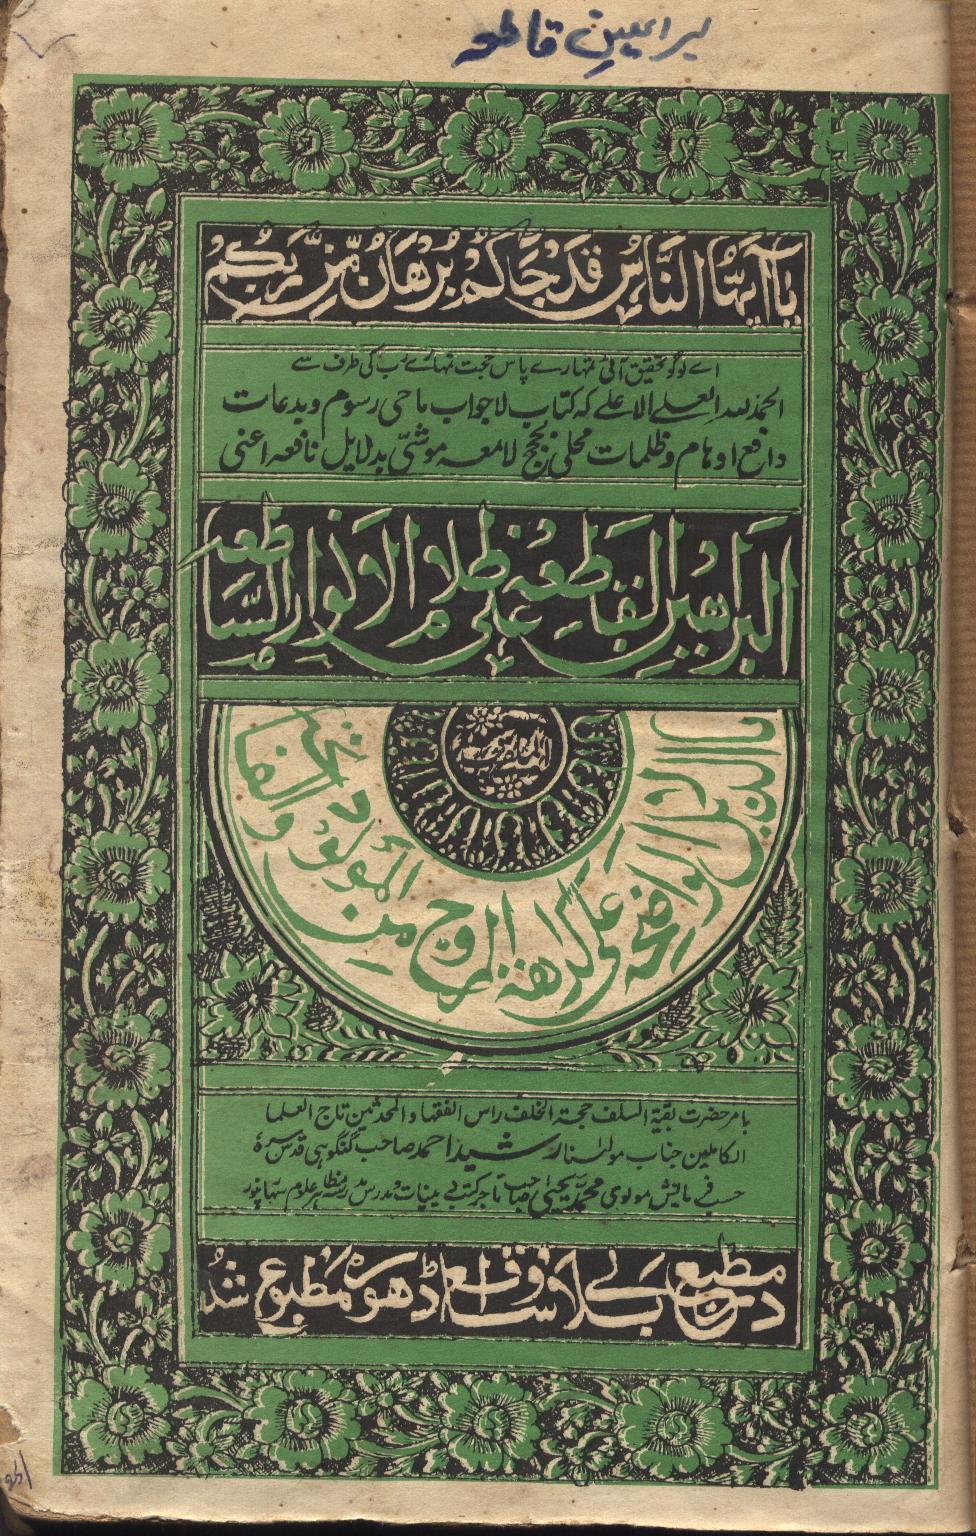 baraheeny qatiya- title.JPG